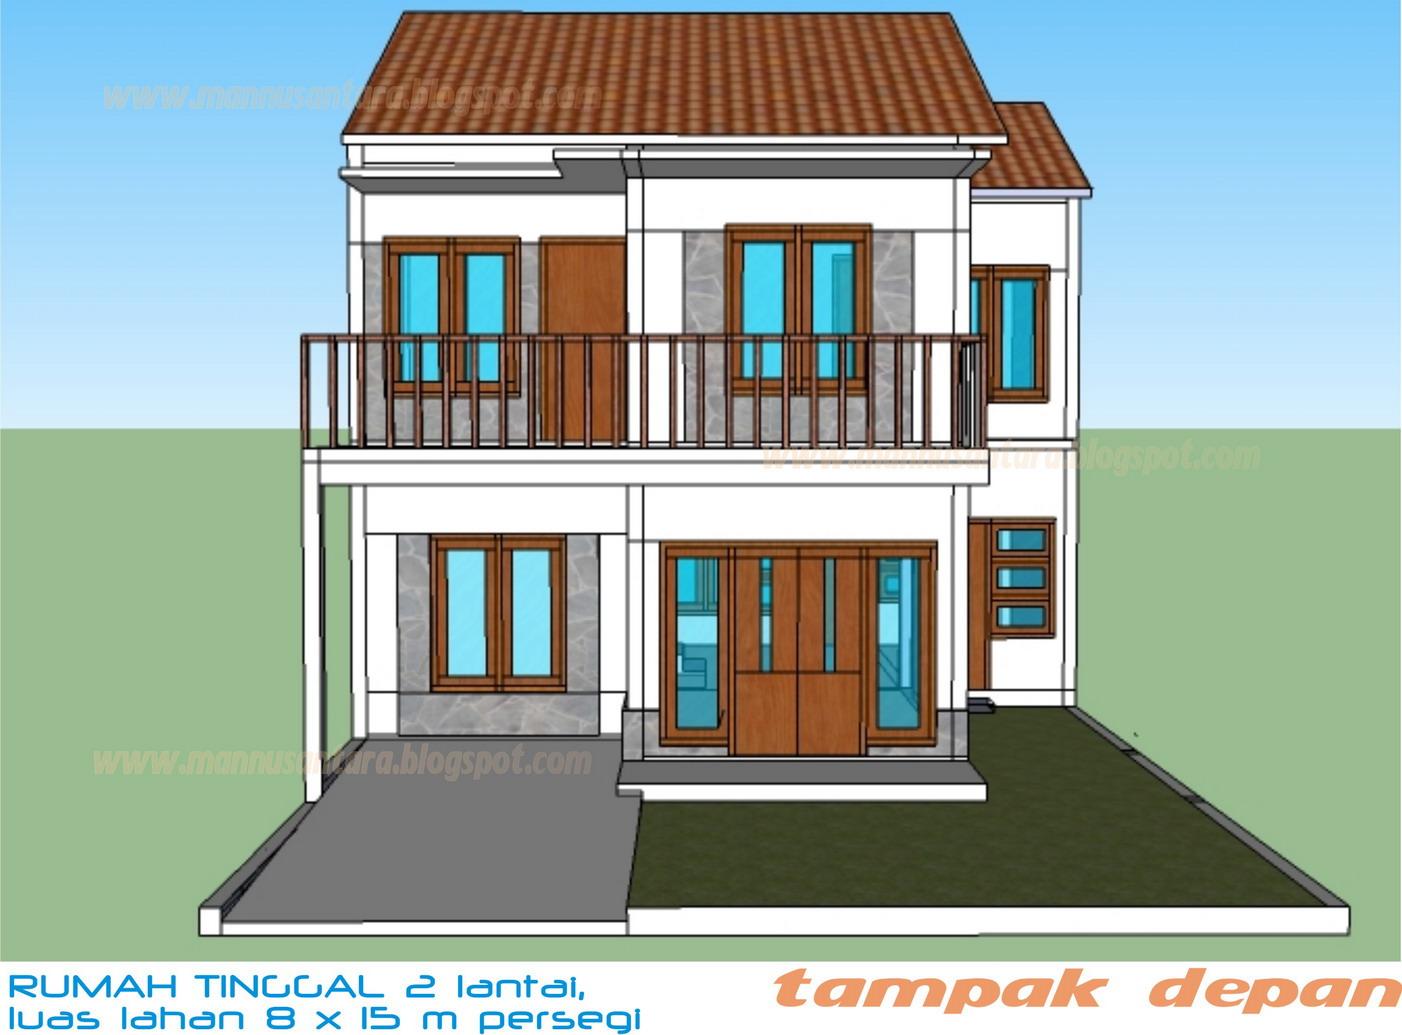 Desain Rumah Tinggal Dua Lantai Di Atas Lahan 8 X 15 Meter Persegi